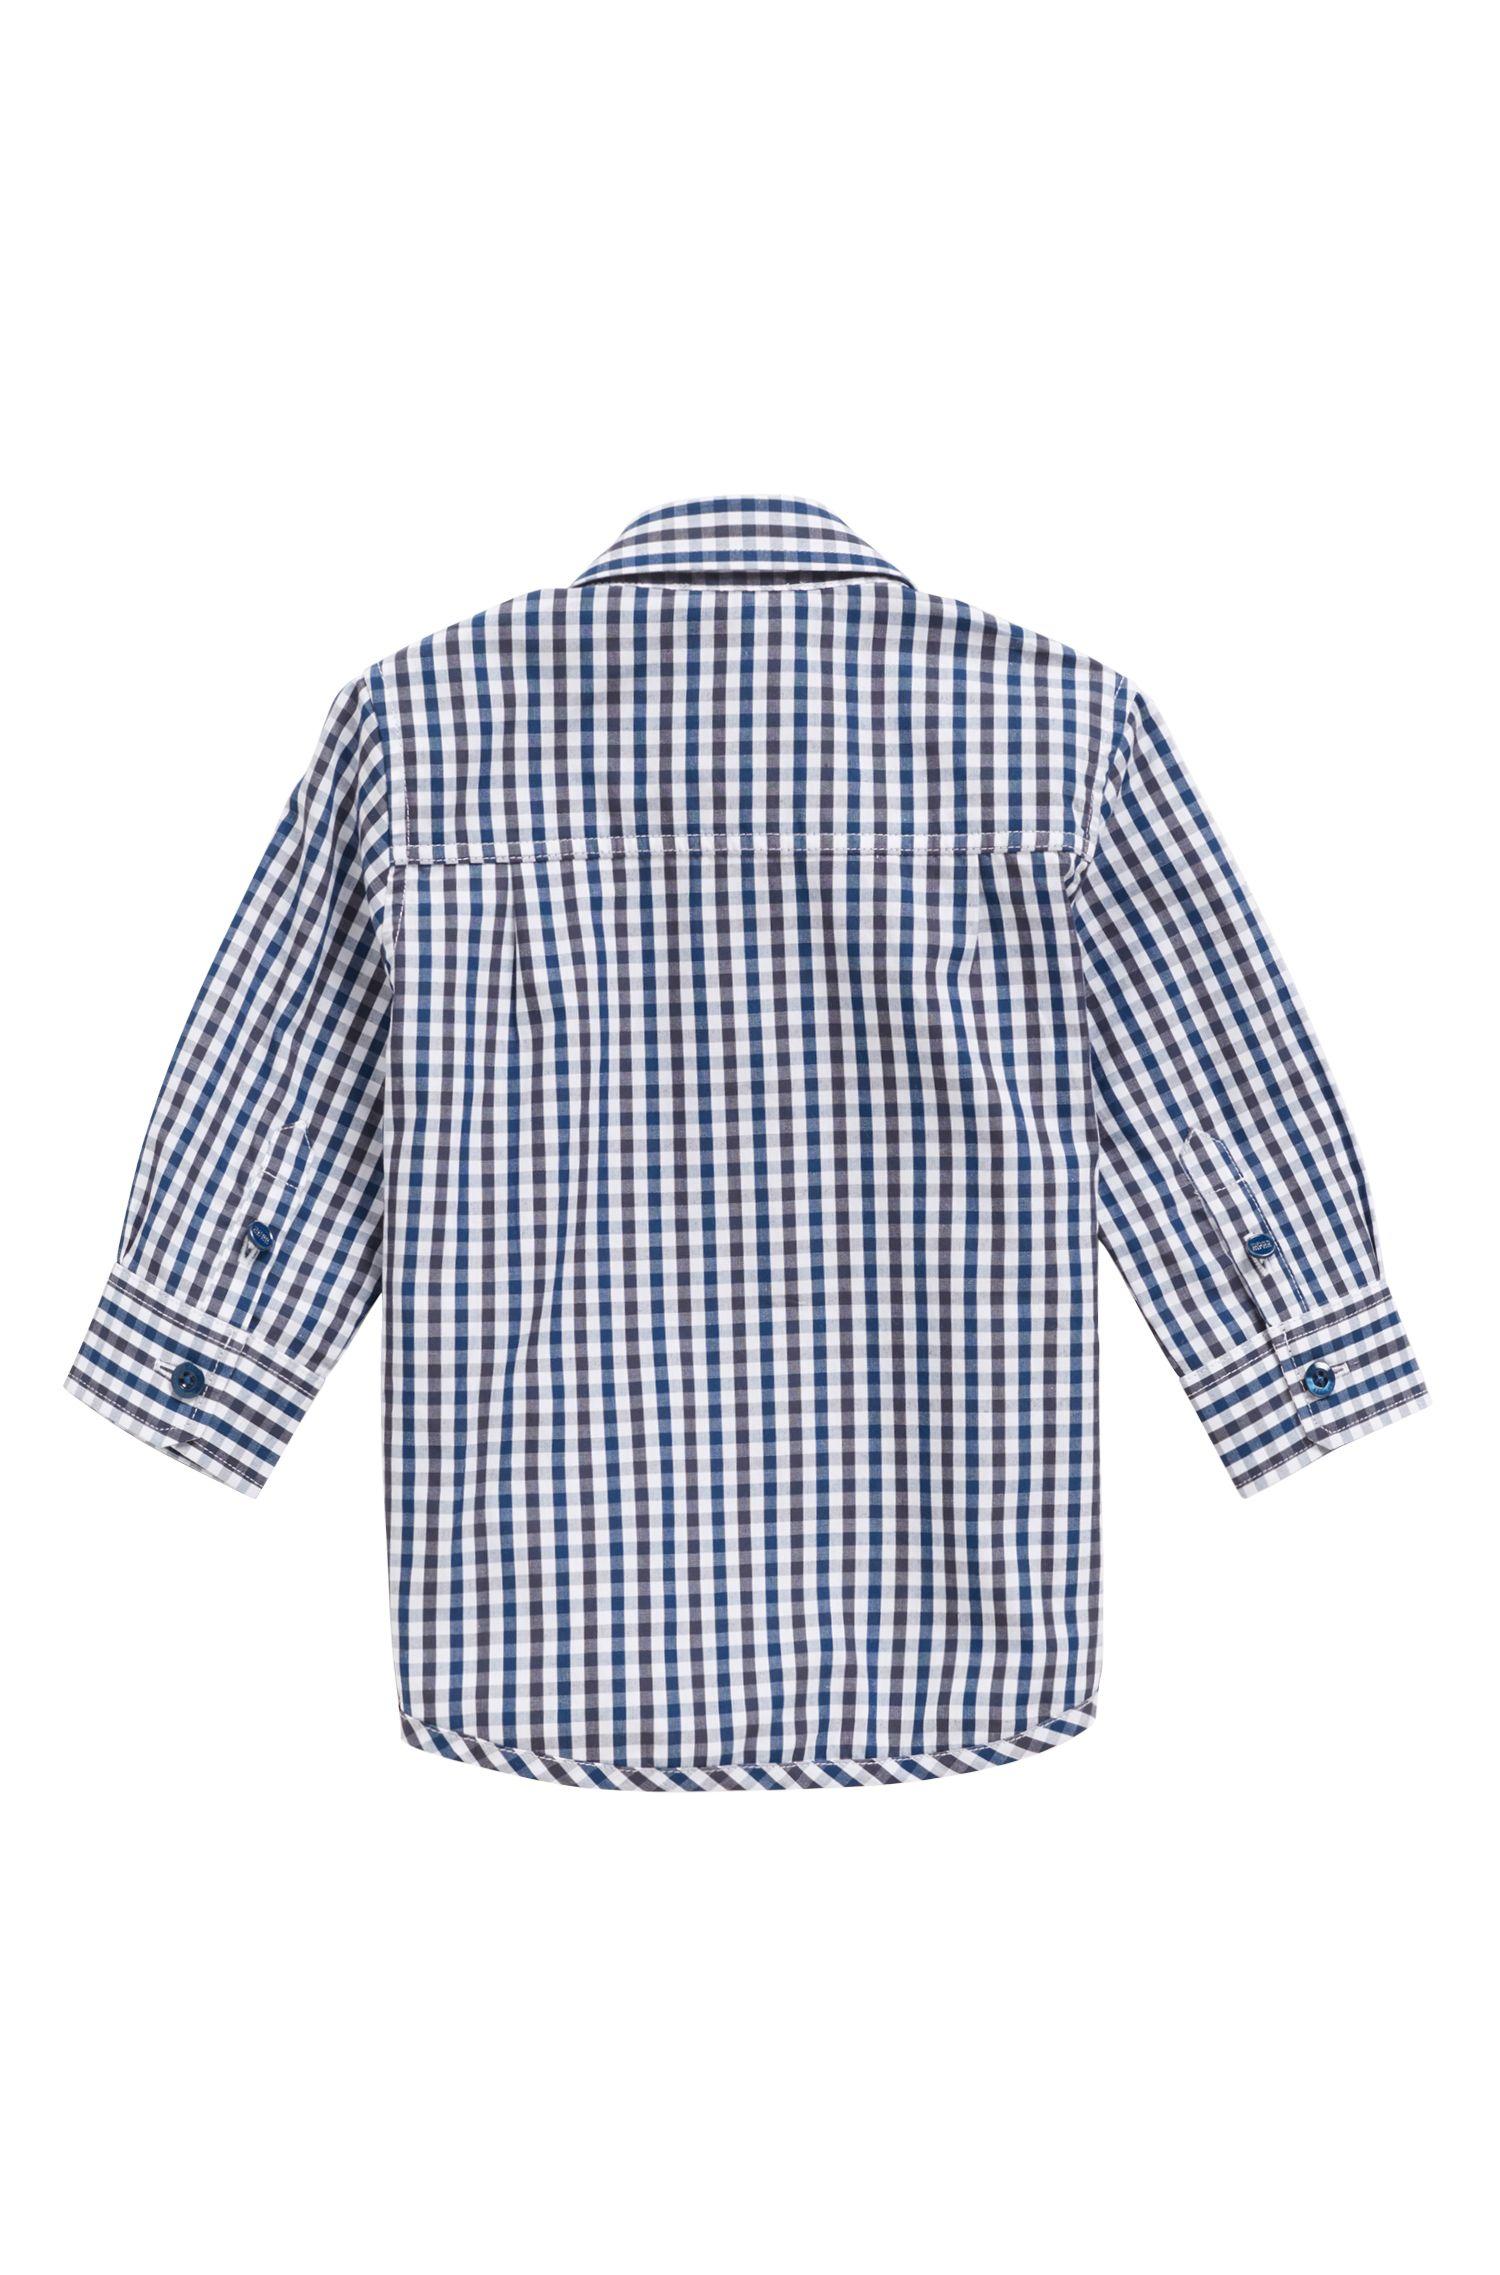 Camicia da bambino regular fit in popeline di cotone a quadri Vichy, A disegni